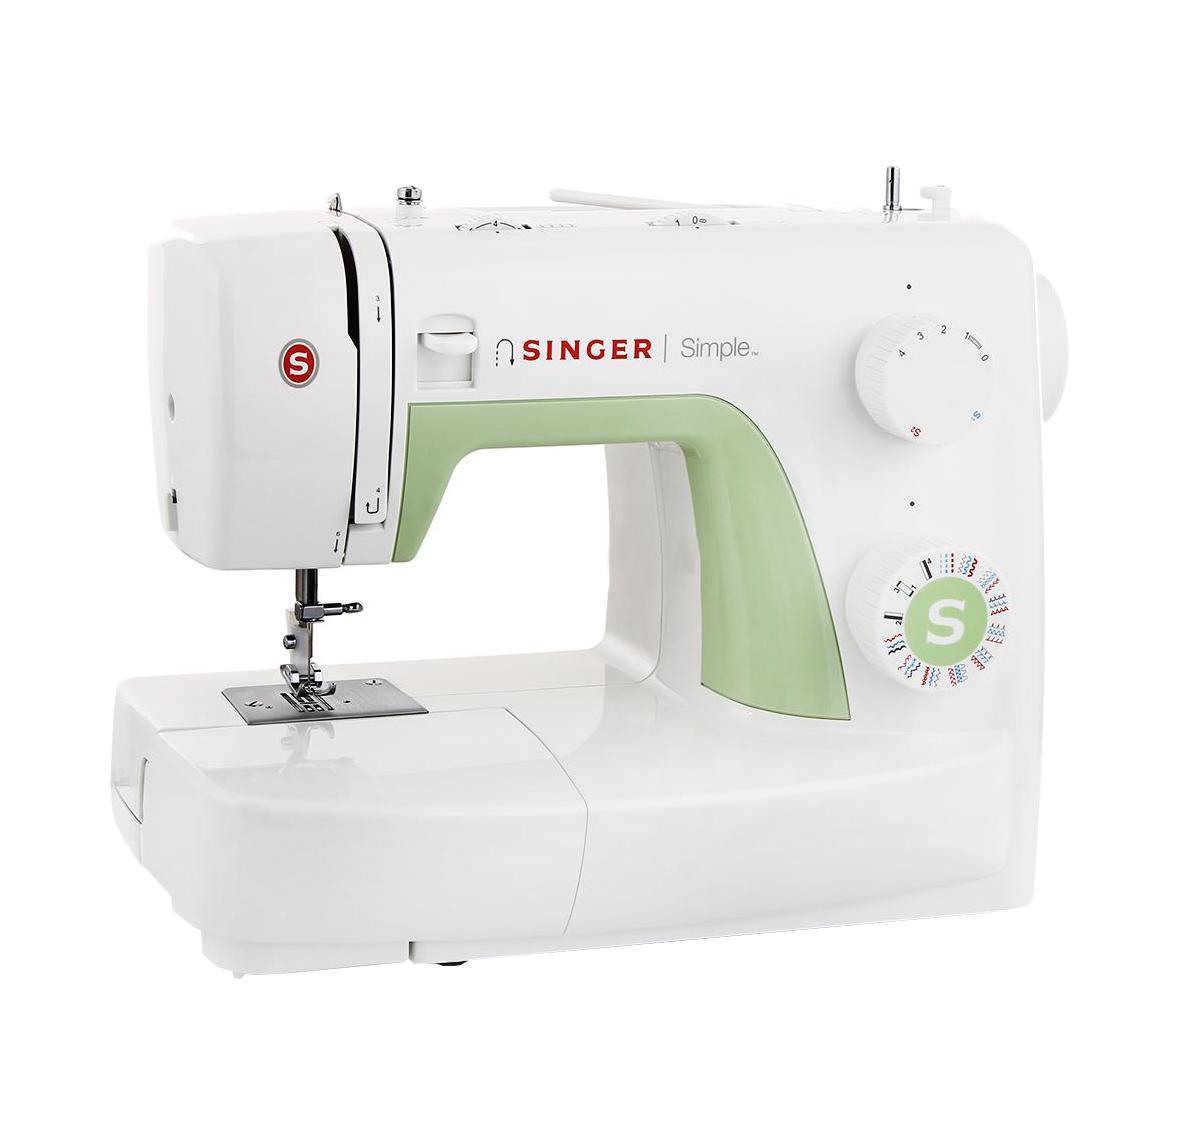 Singer 32293229Классическая швейная машина Singer Simple 3229 имеет богатый набор строчек, включая множество декоративных, умеет делать все основные швейные операции и отлично подойдет для обучения шитью, шитья и ремонта одежды, шитья предметов домашнего обихода и для других подобных работ.